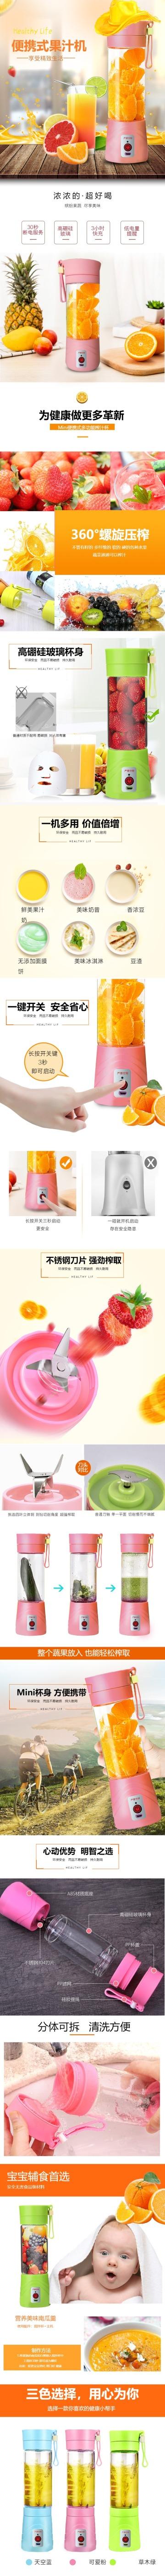 清新简约百货零售家居生活家电便携果汁机促销电商详情页